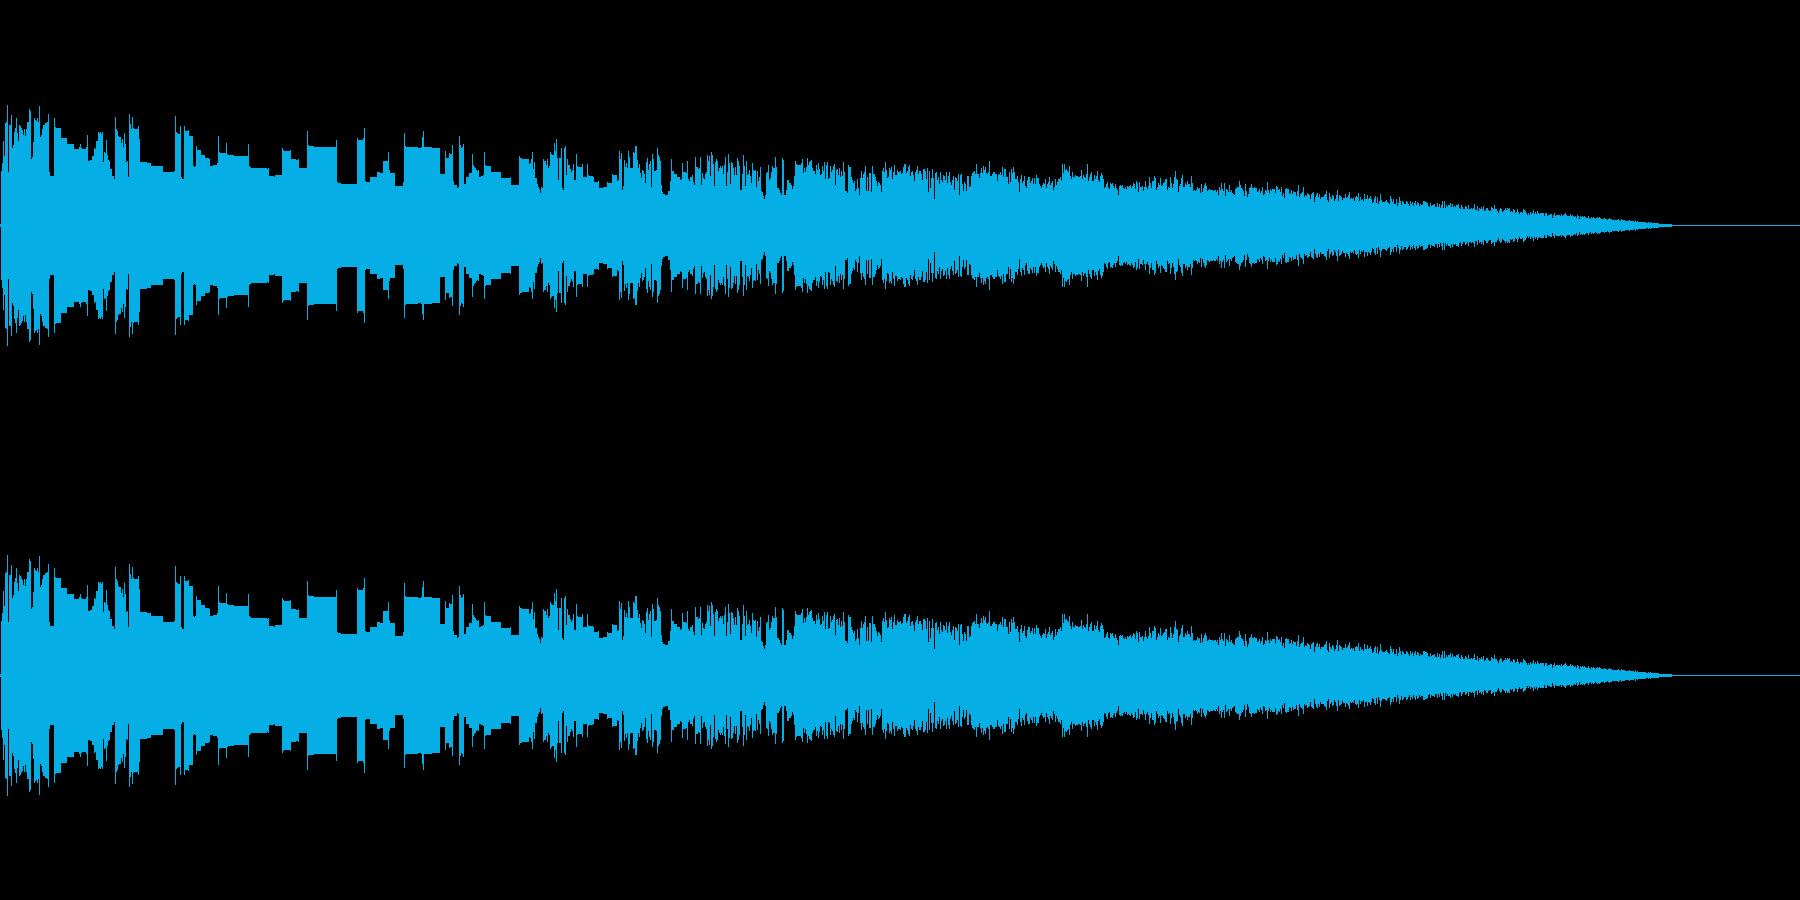 レトロゲーム風魔法・炎系1の再生済みの波形